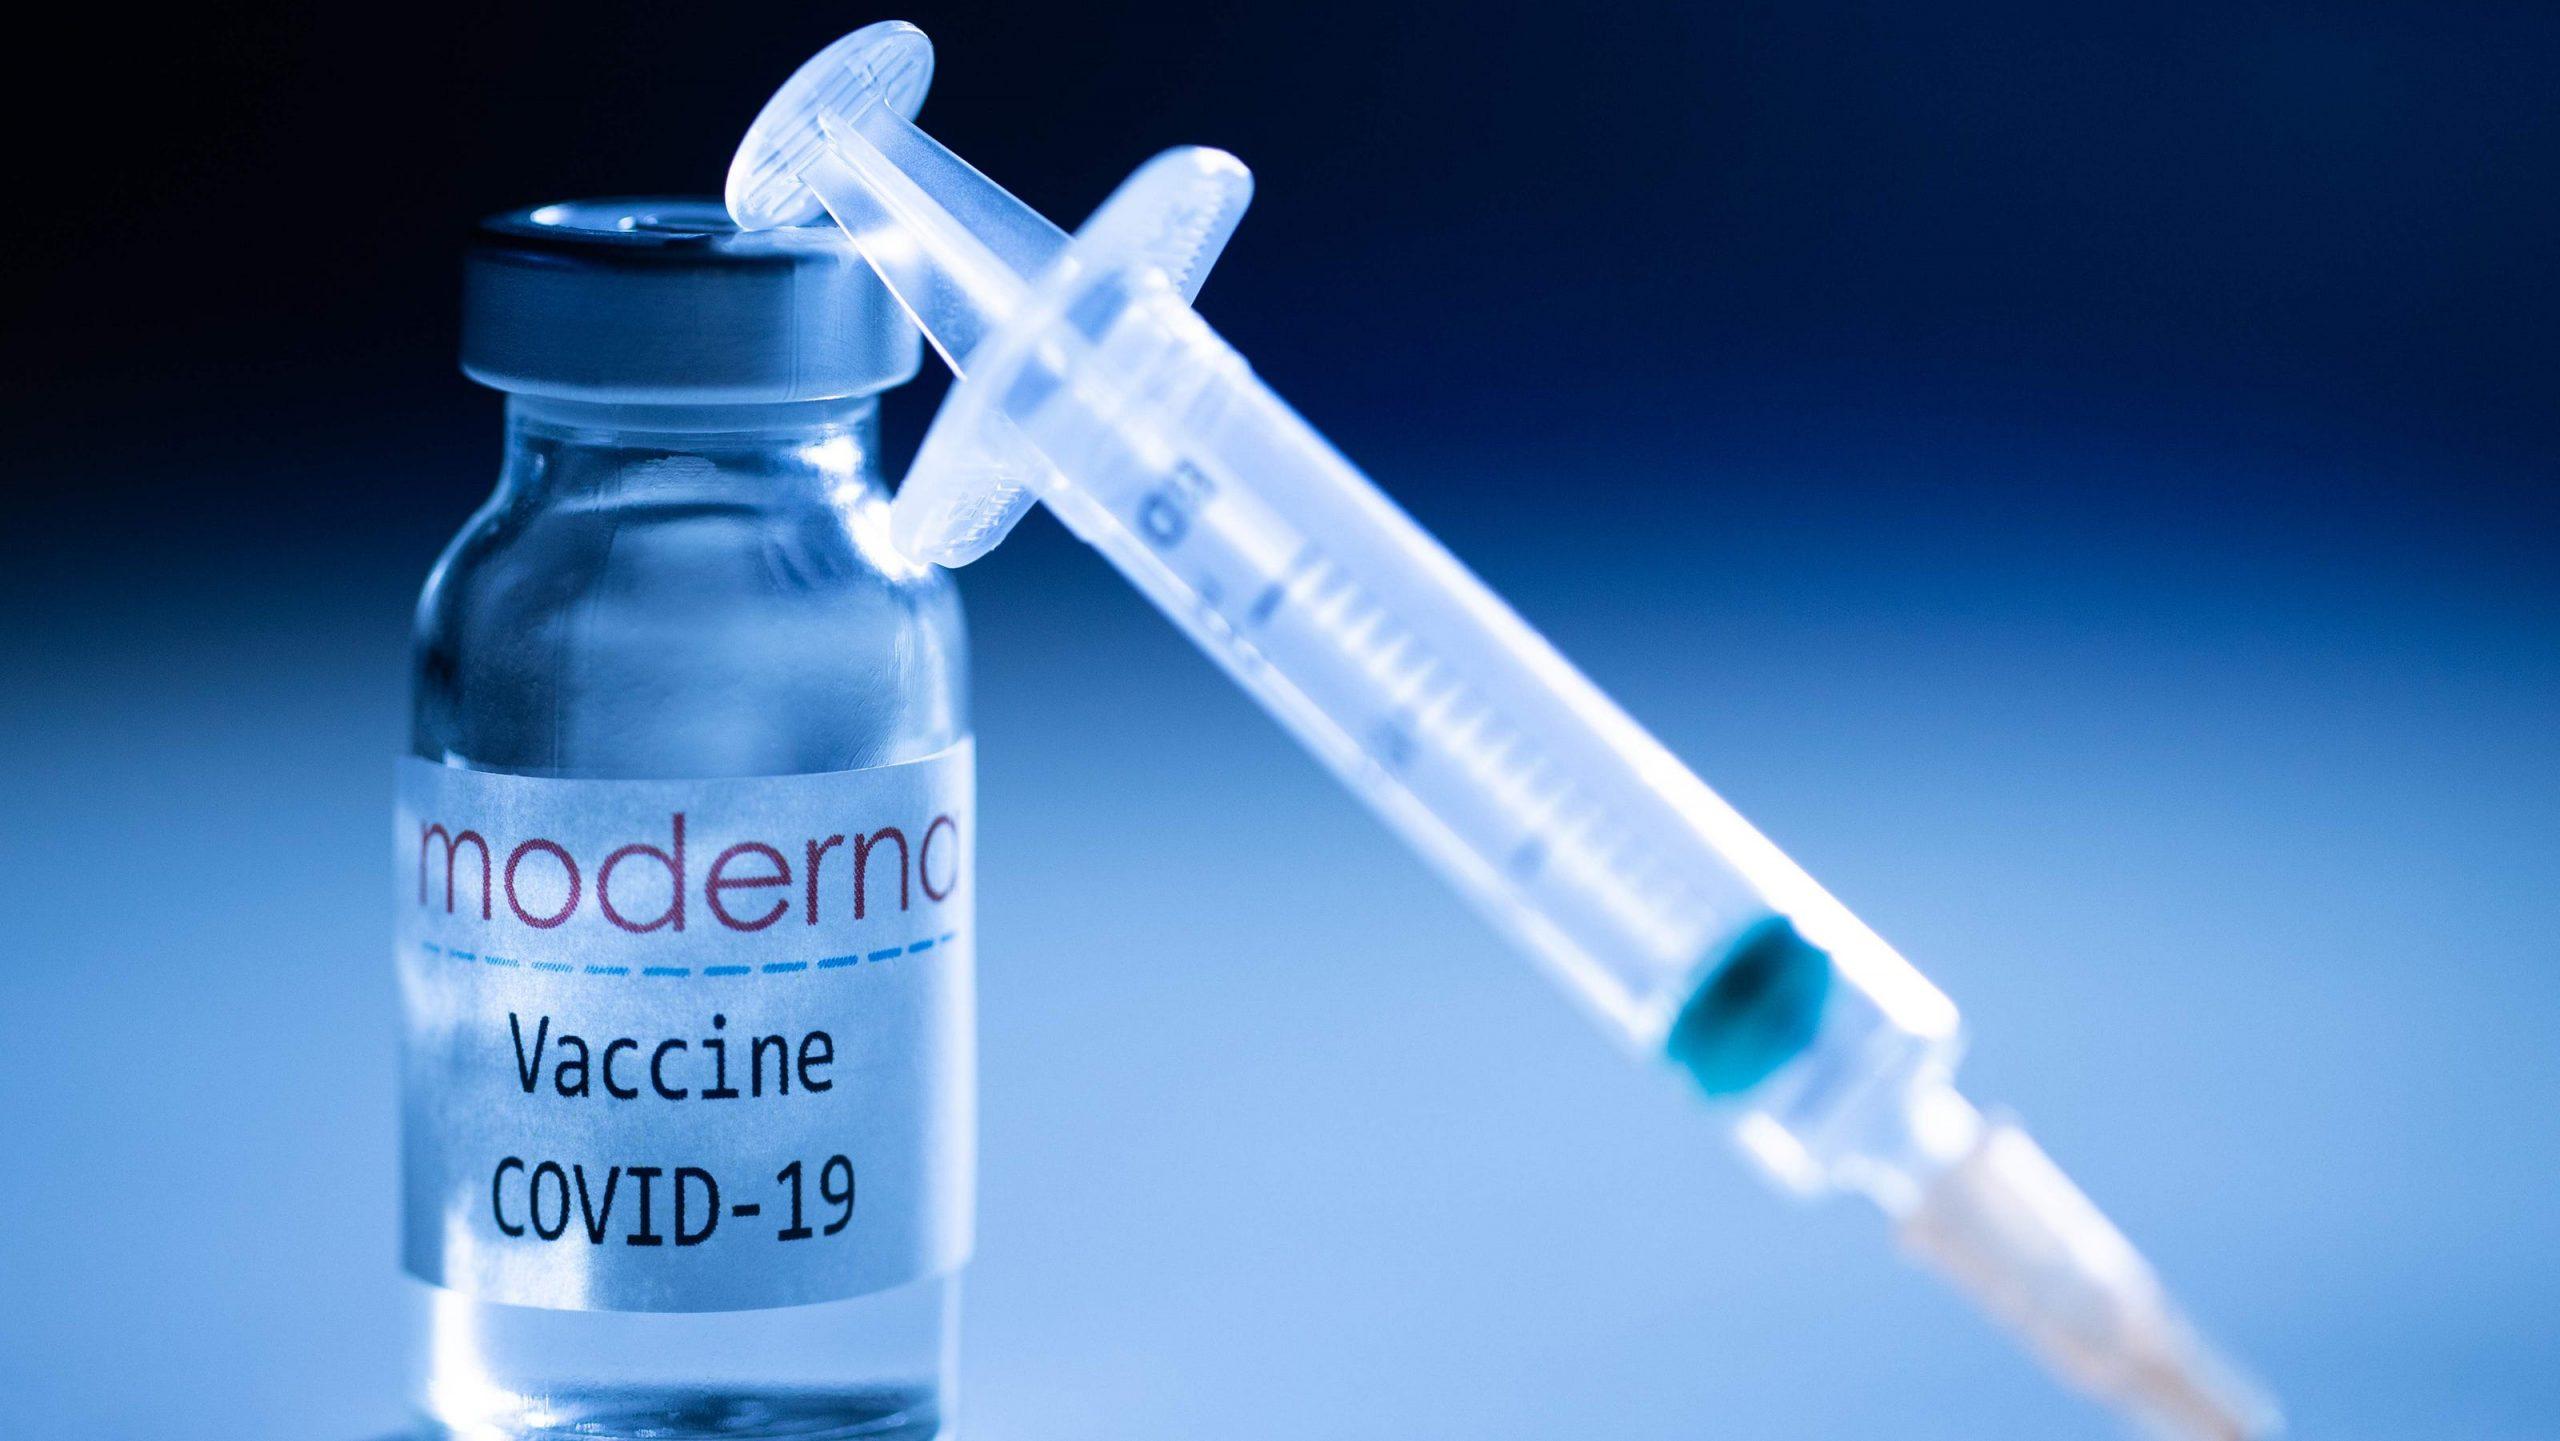 Κορωνοϊός – Εμβόλιο Moderna: Η Ευρωπαϊκή Επιτροπή έδωσε την τελική έγκριση